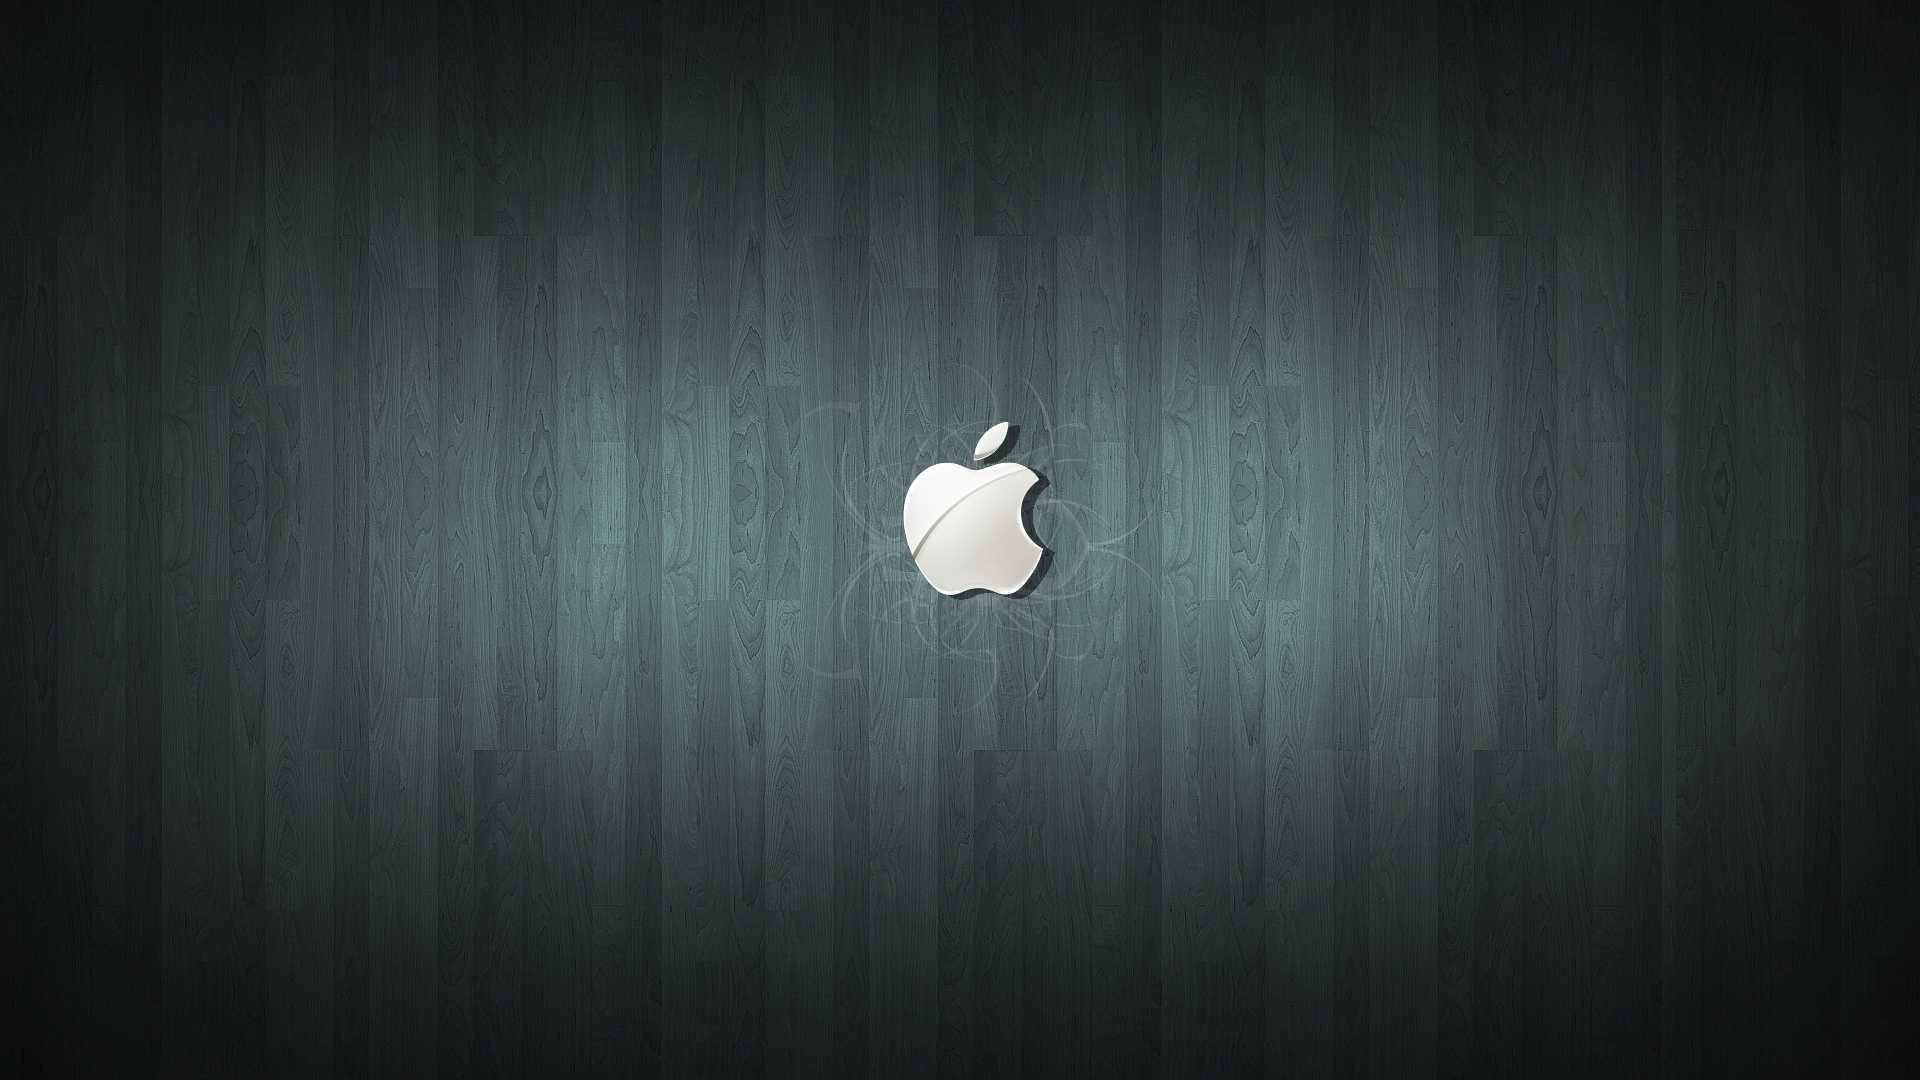 苹果壁纸图片